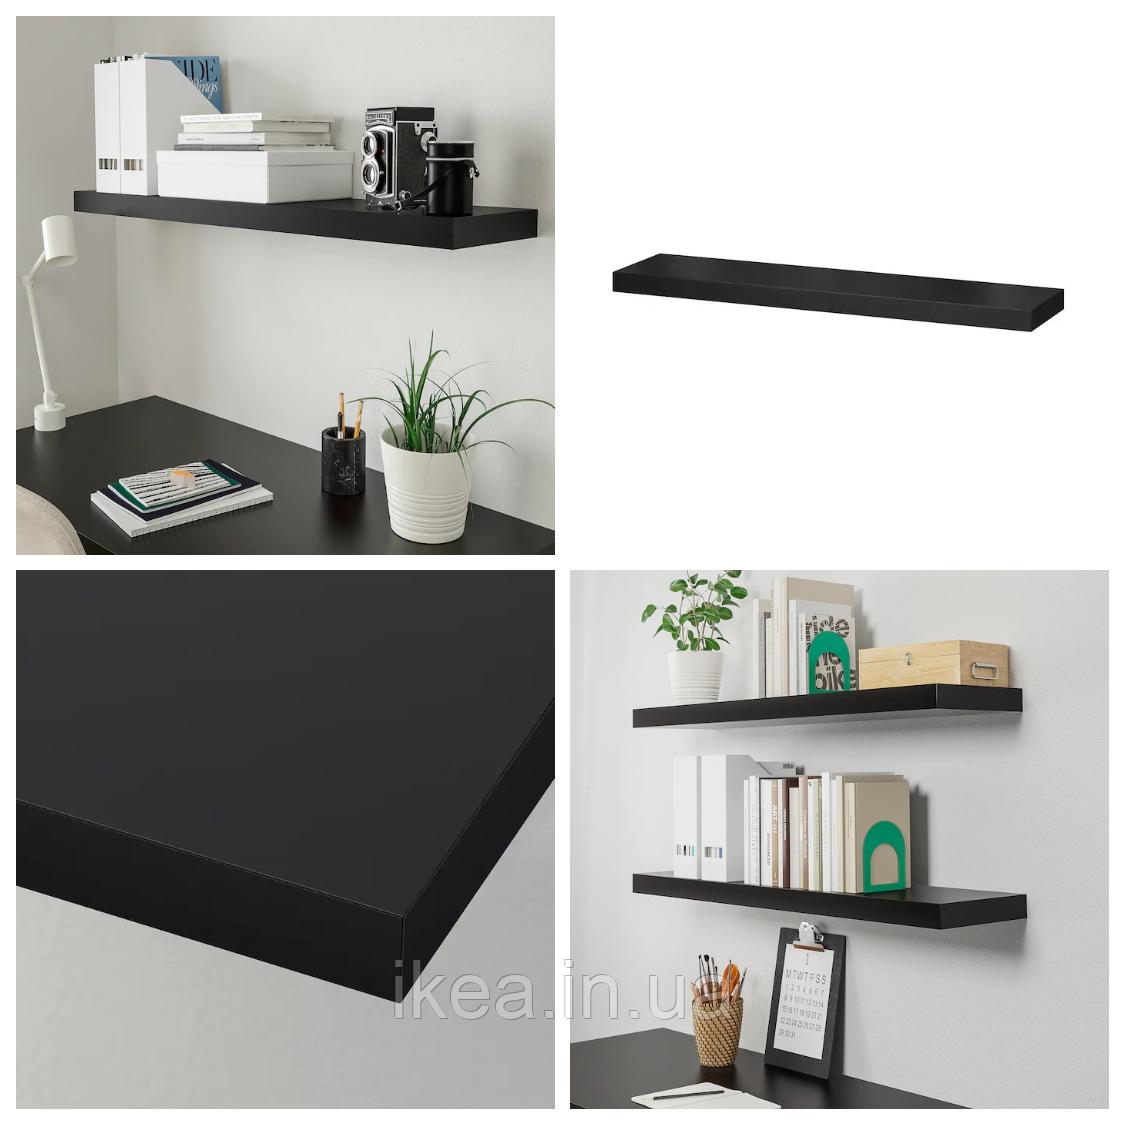 Полка навесная чёрная IKEA LACK 110x26 см полочка комнатная ИКЕА ЛАКК